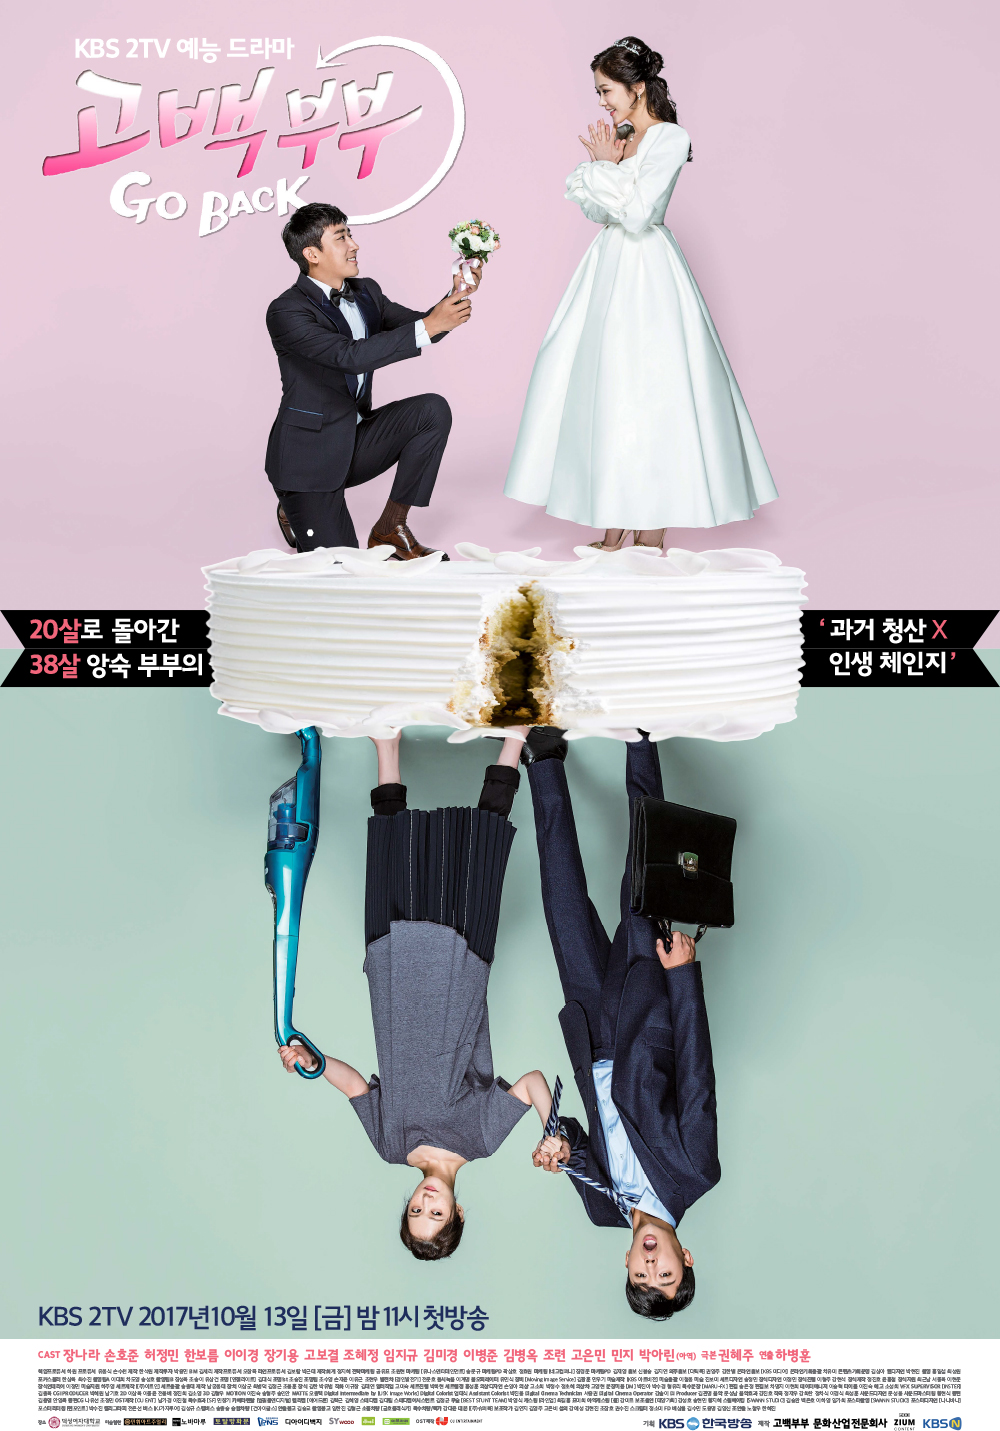 <고백부부> 장나라-손호준, 달콤한 '웨딩 케이크'부터 살벌한 '넥타이 멱살'까지!